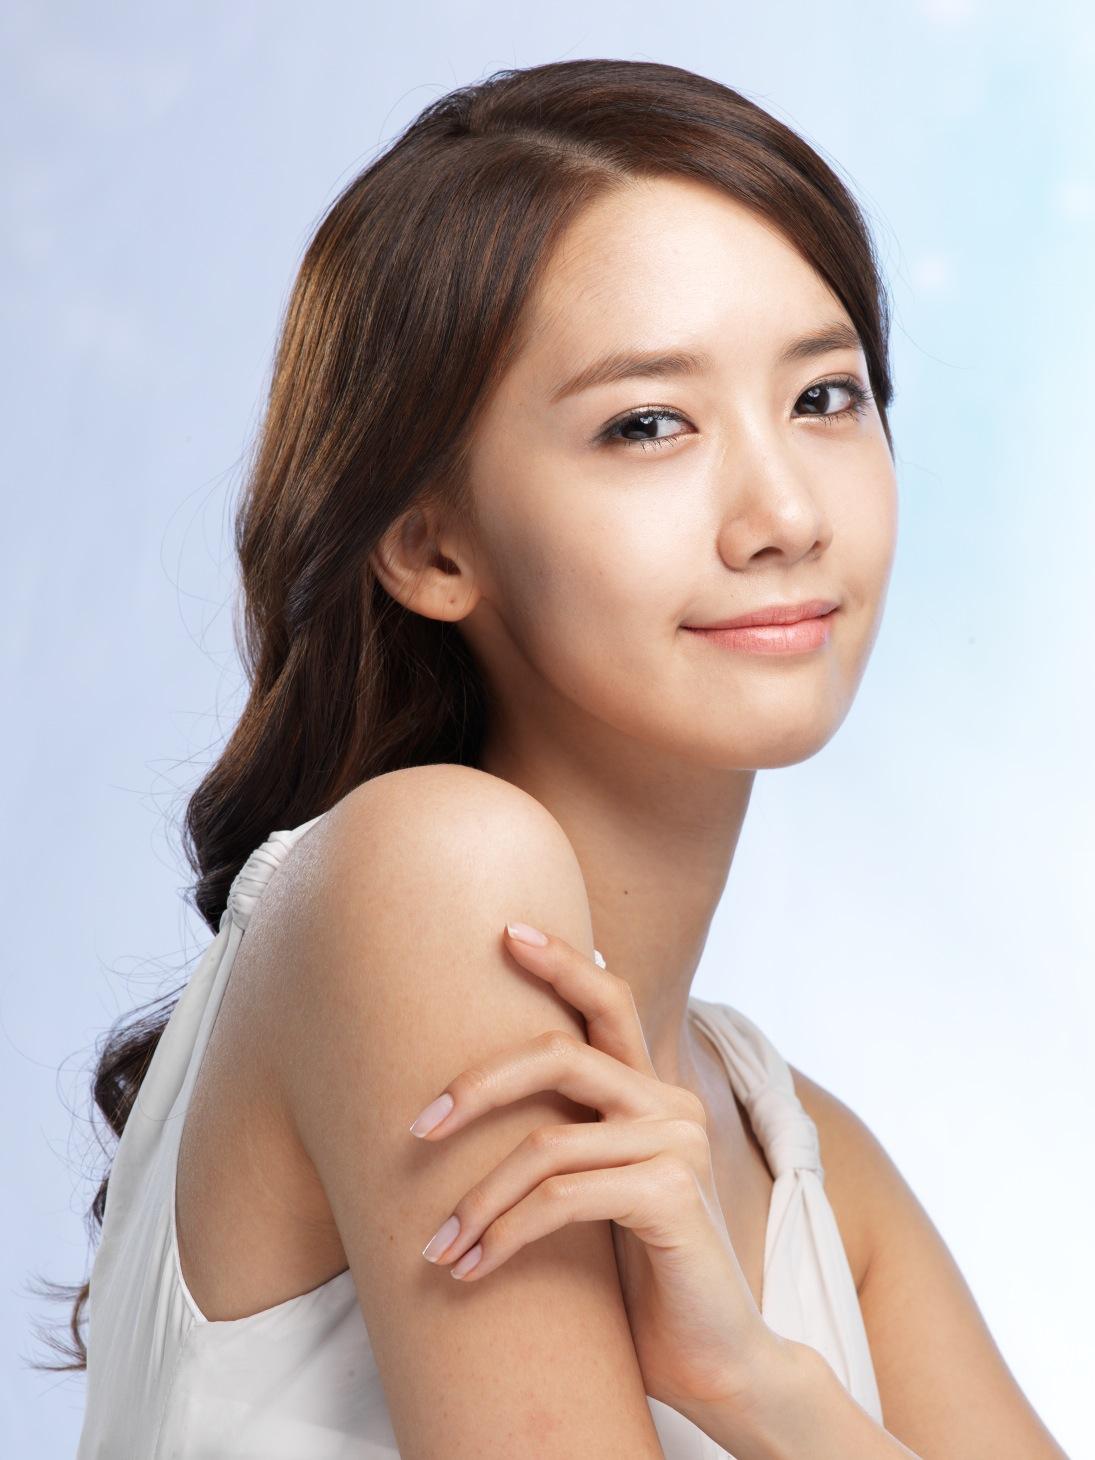 http://2.bp.blogspot.com/-oTAUvhfB59U/T9BM8FvdkJI/AAAAAAAAA_k/l-bwXlQzgHI/s1600/SNSD+Yoona+Innisfree+(1).jpg